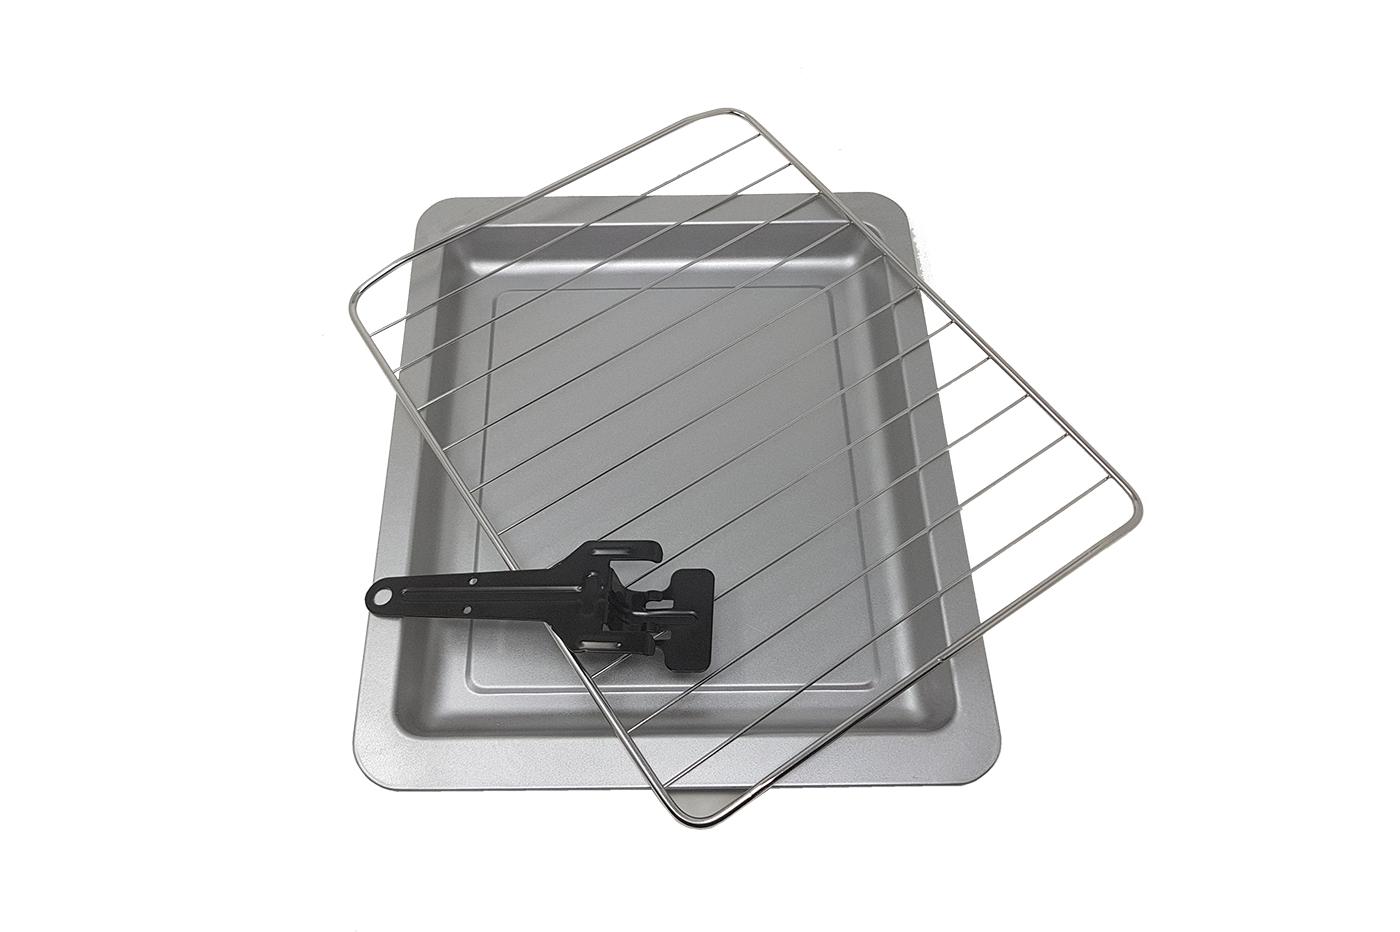 Plafoniere Da Forno : Bes 24029 piccoli e grandi elettrodomestici beselettronica